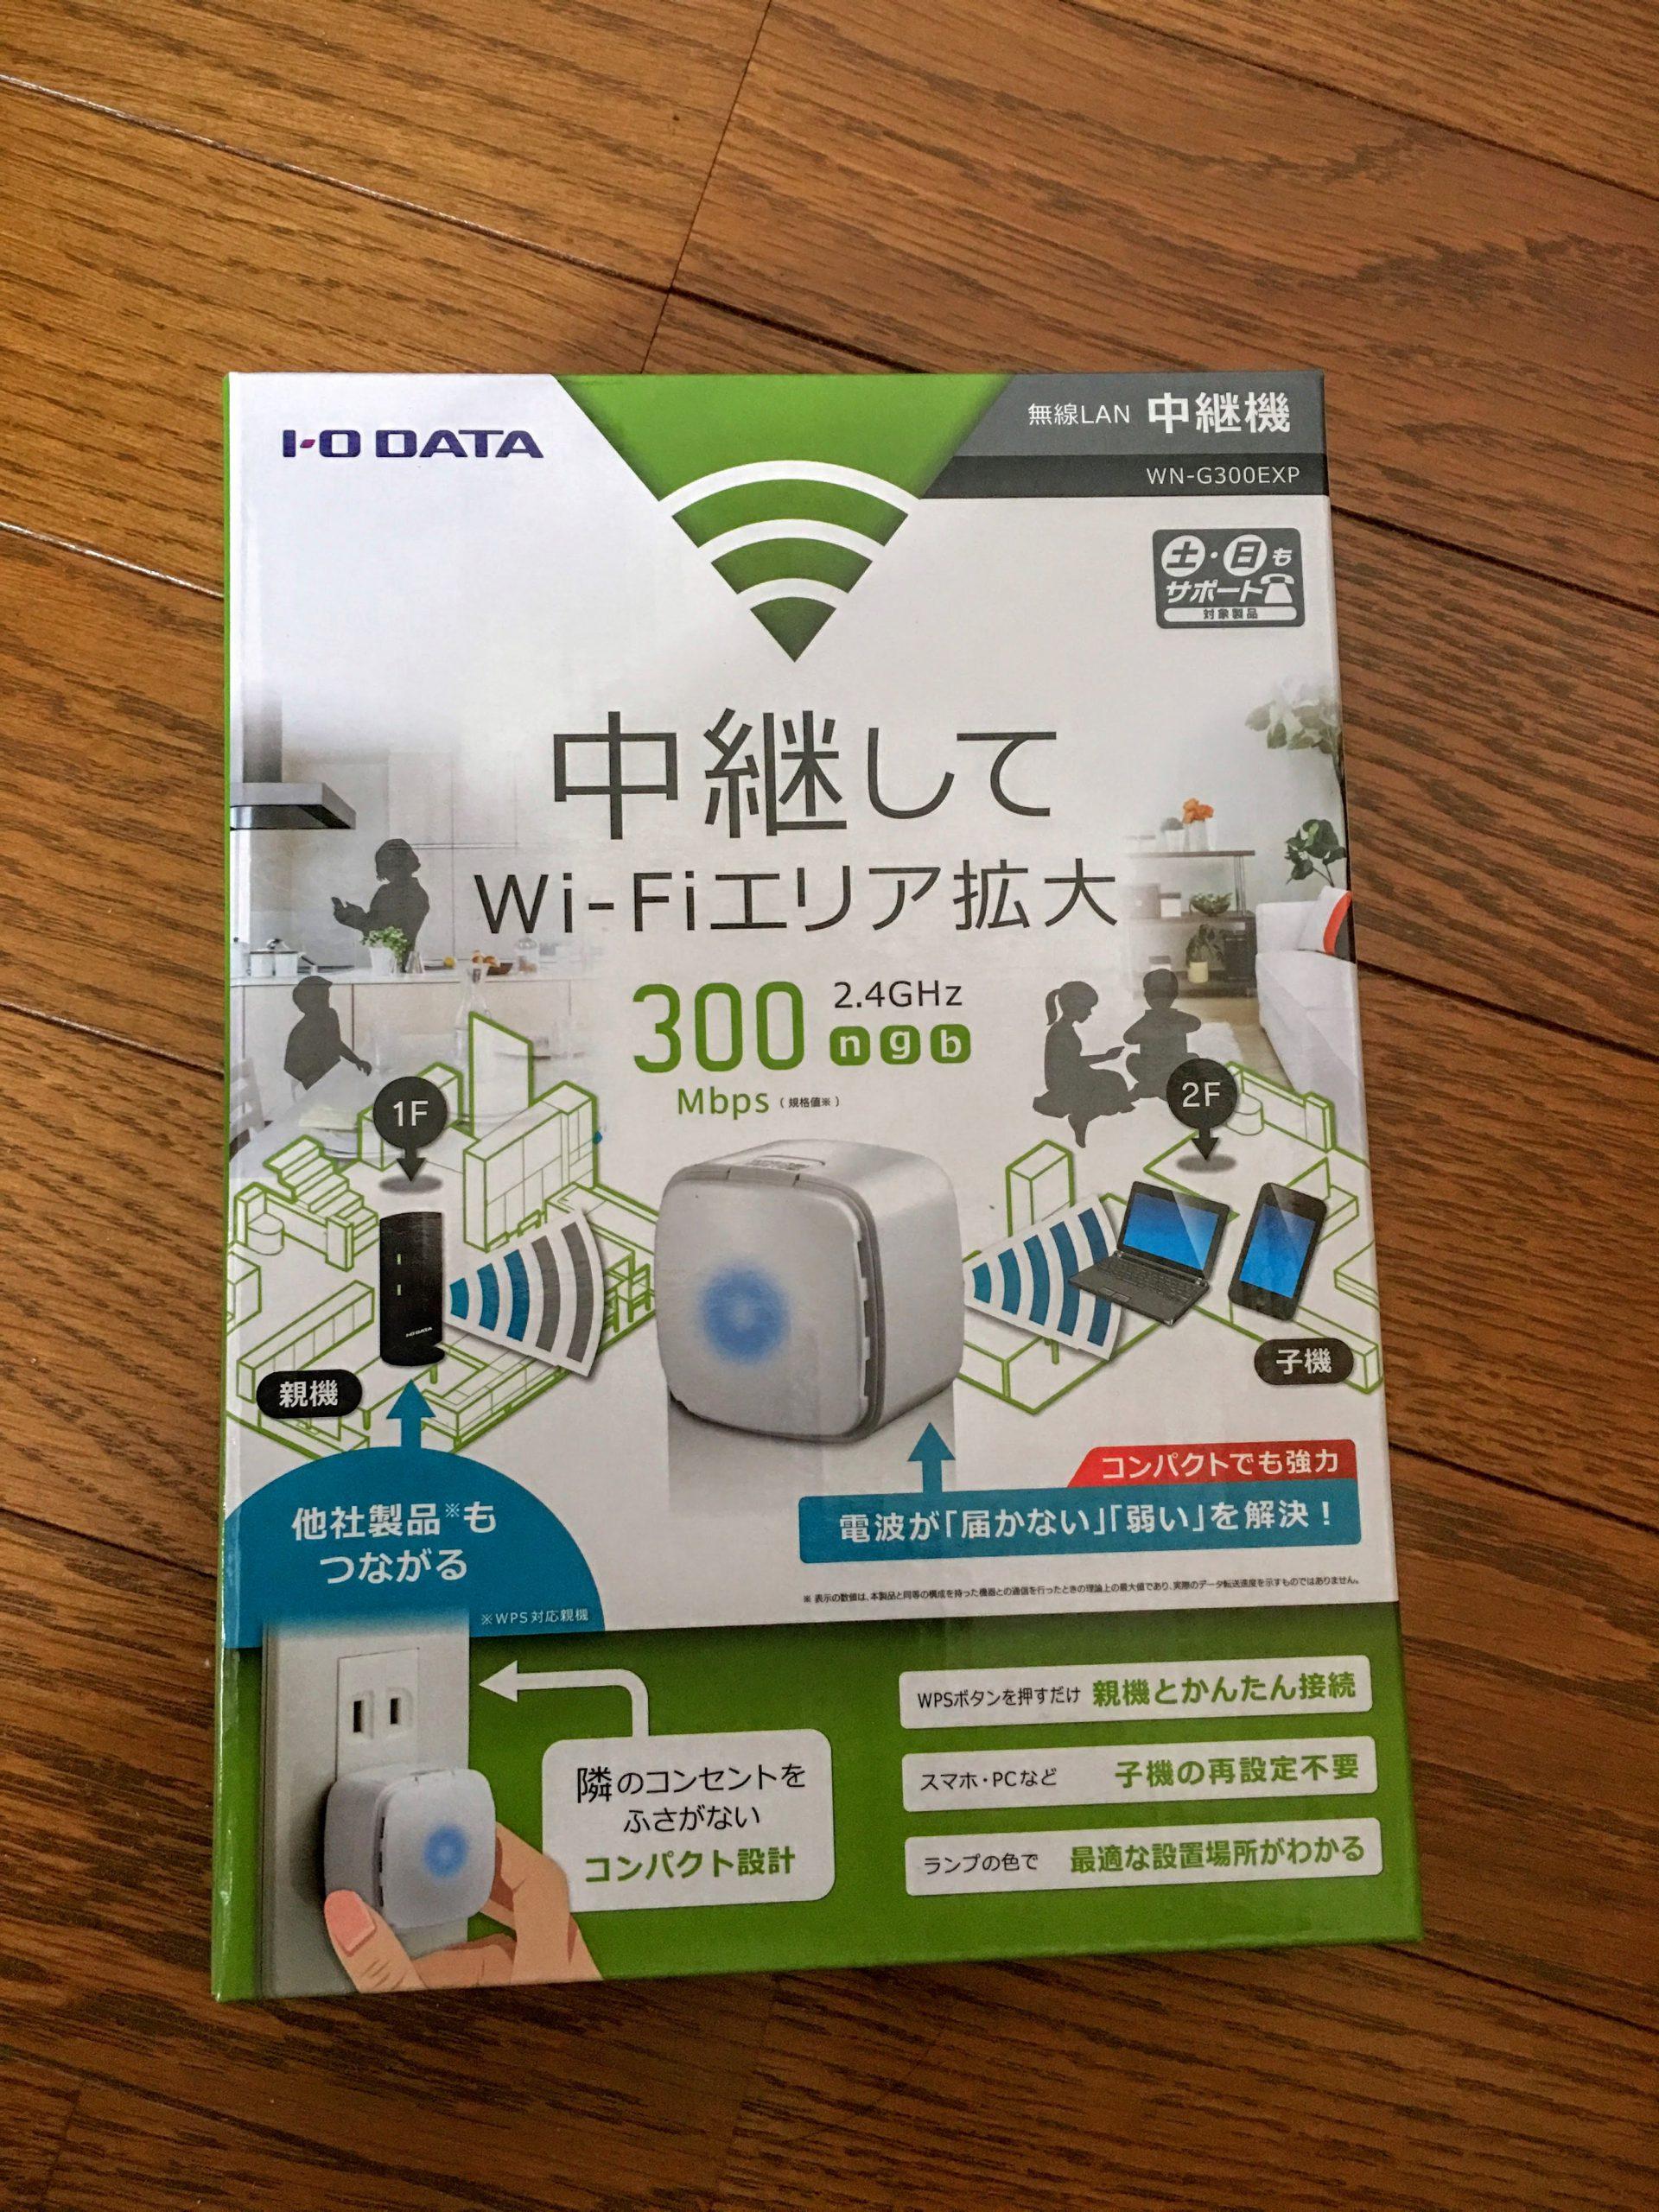 コンセントに挿すだけの無線LAN中継器で自宅のネット通信速度が改善されました♪